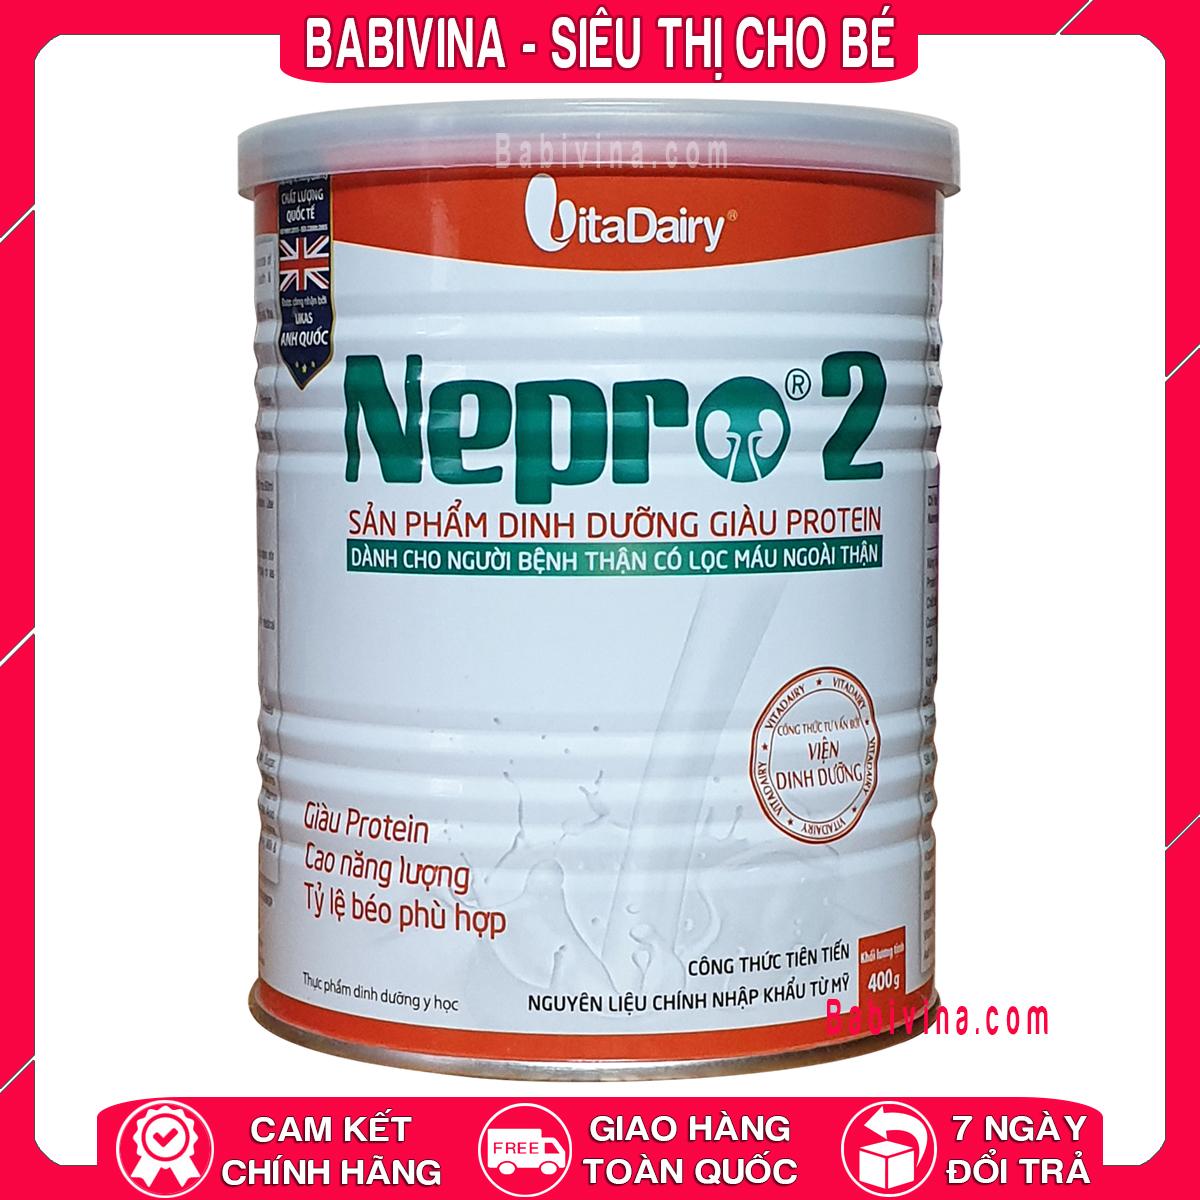 [LẺ GIÁ SỈ] Sữa Thận Nepro 2 400g Cho Bệnh Nhận Chạy Thận, Có Lọc Máu Ngoài Thận